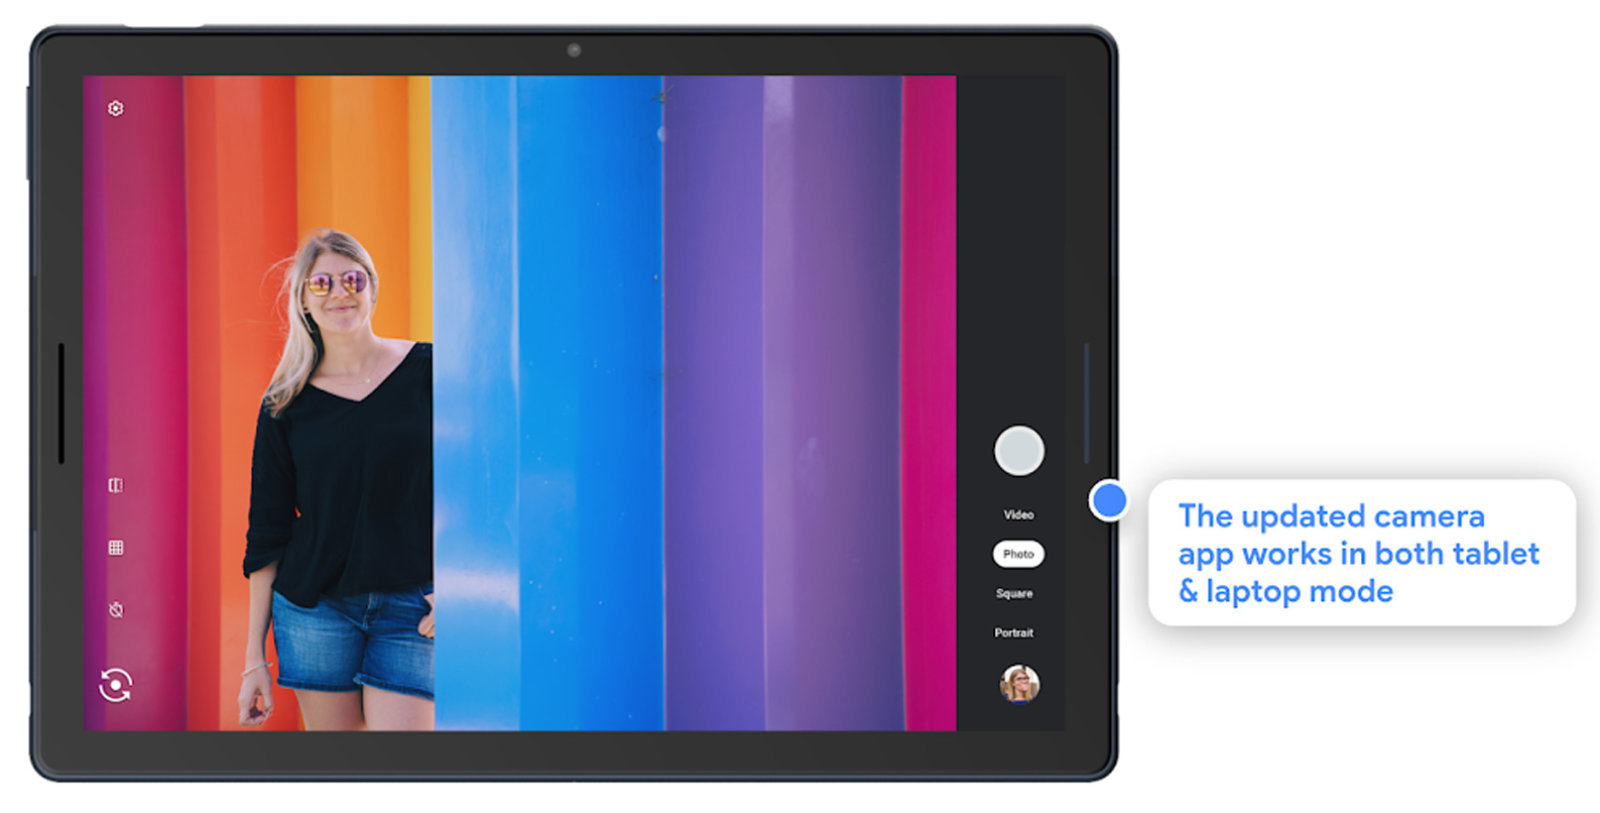 بهروزرسانی جدید Chrome OS عکاسی پرتره را در کرومبوکها سادهتر میکند